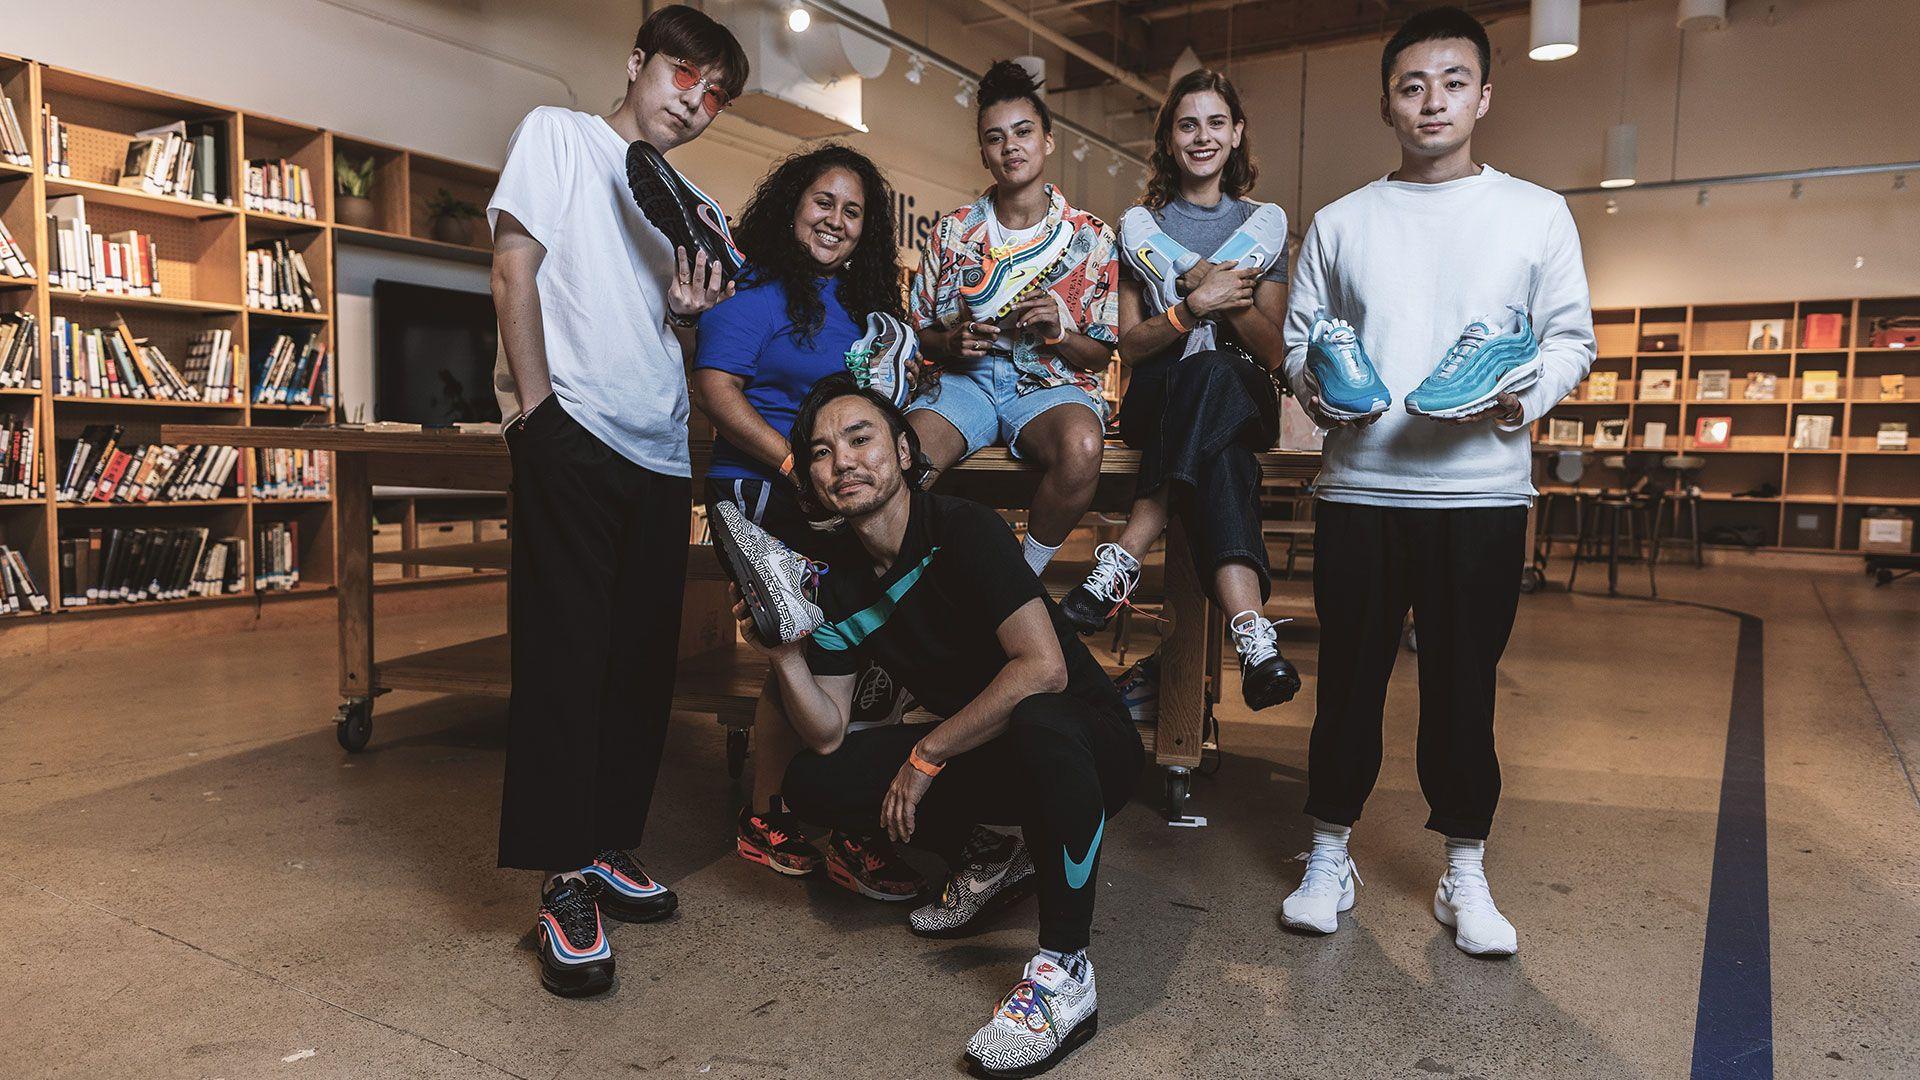 nike air max on air winners sneakers